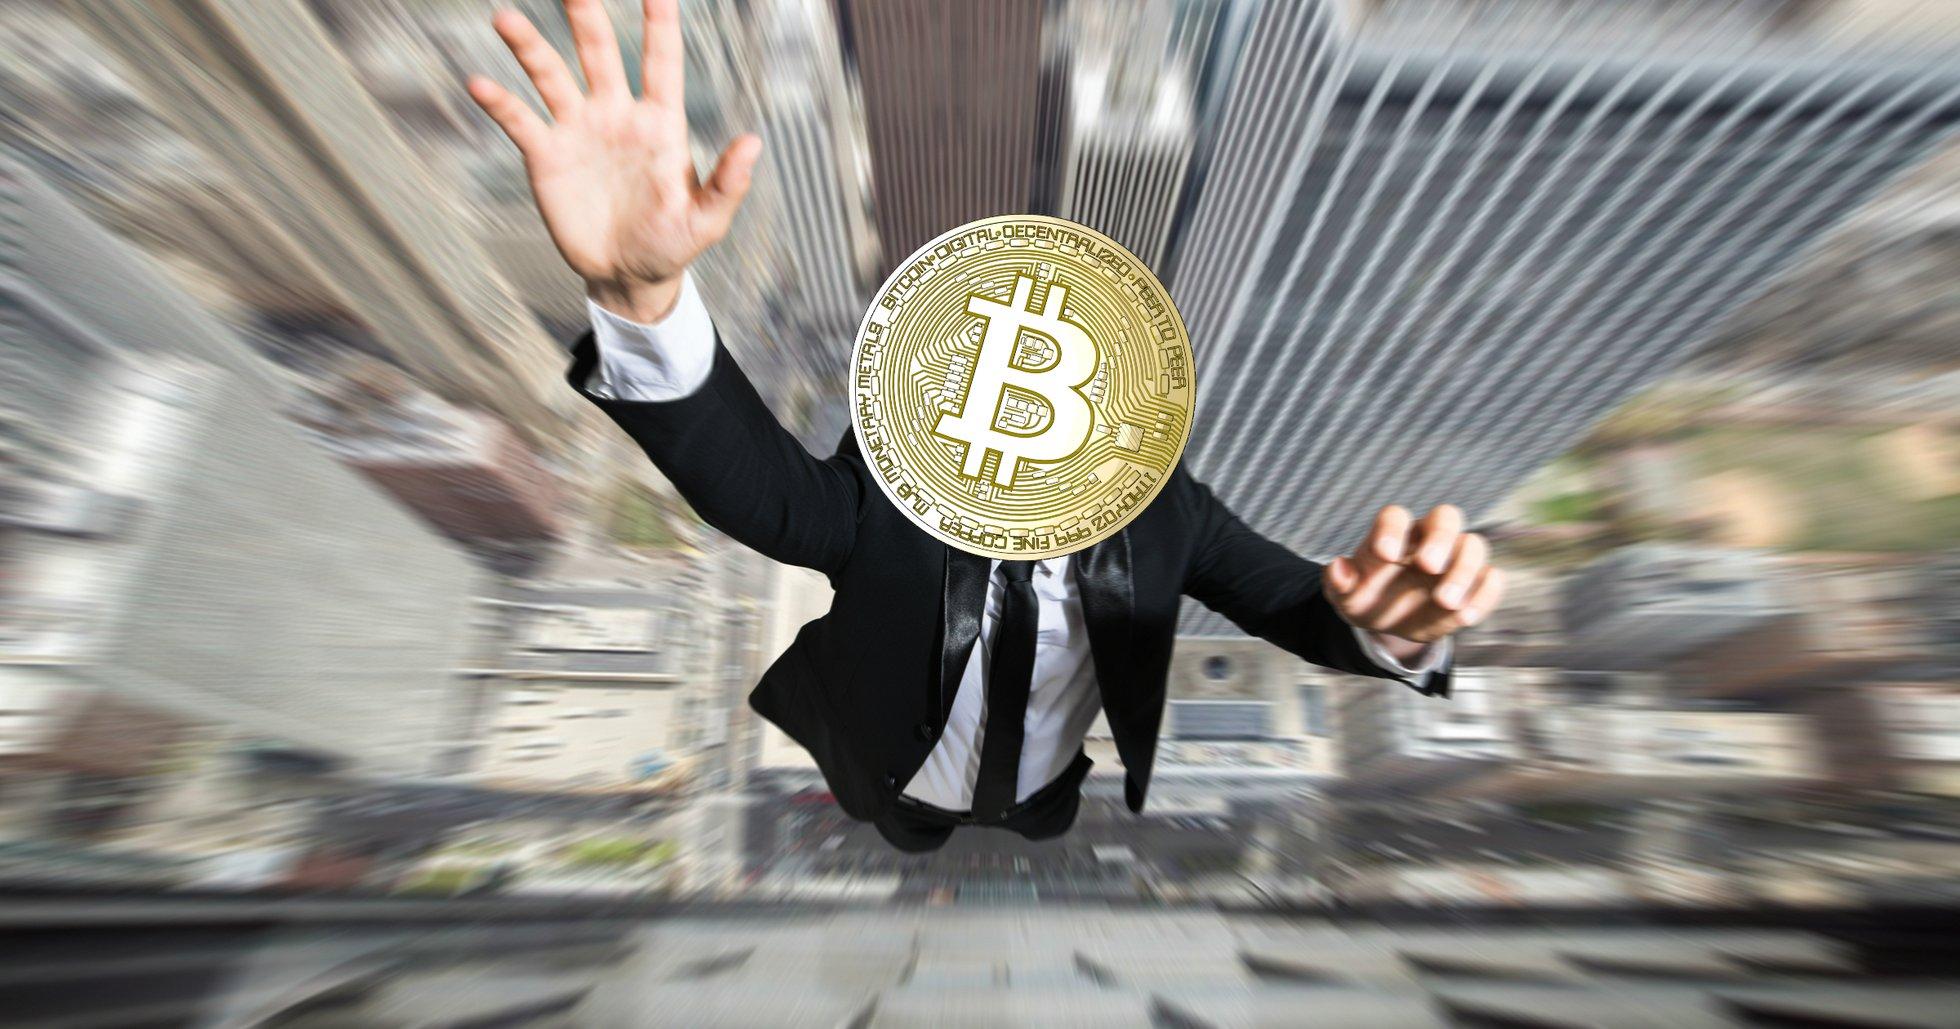 Bitcoinpriset faller medan utflödet av kryptovalutan från miningpooler ökar.